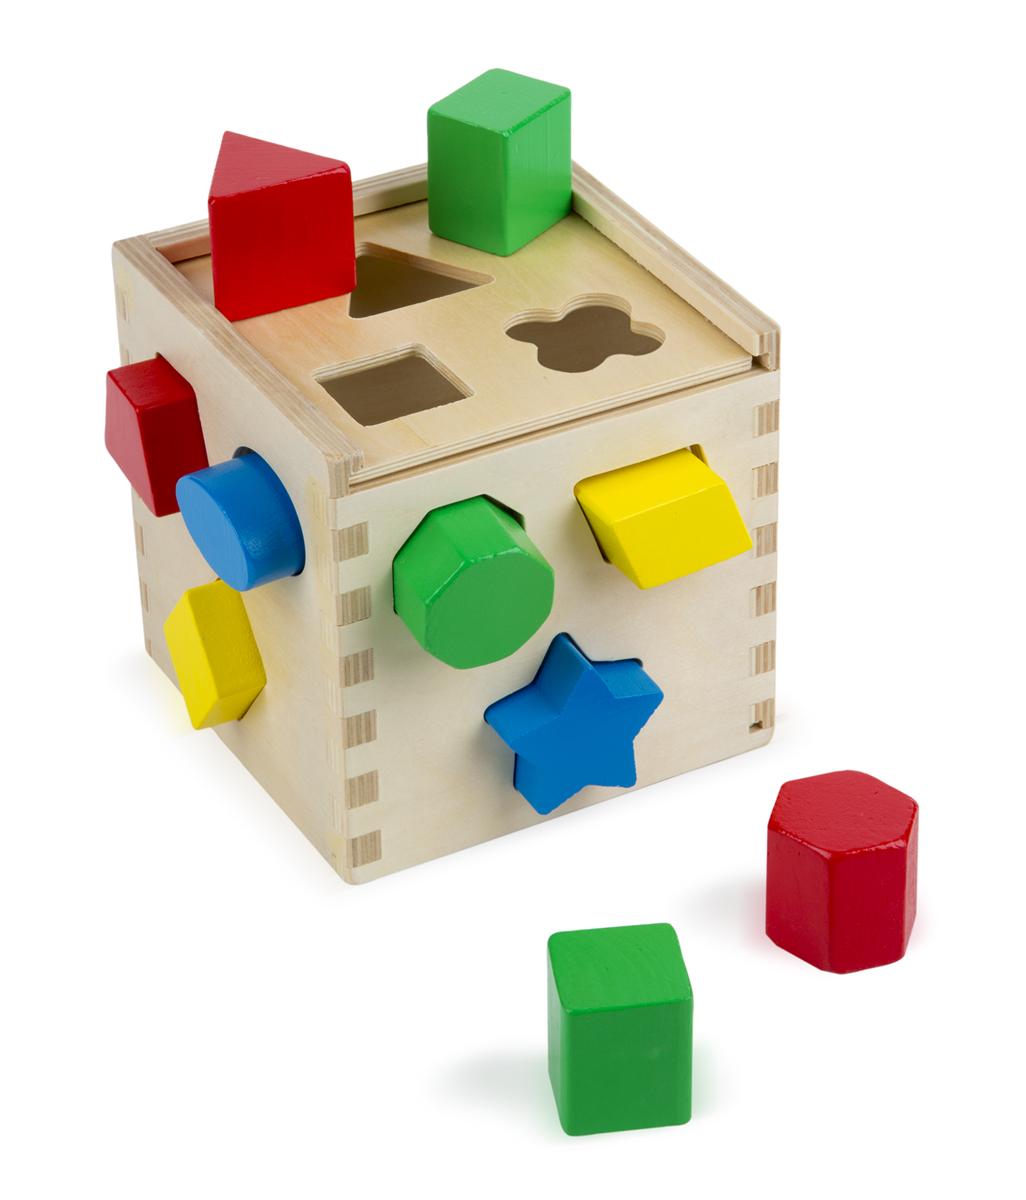 Сортировщик фигур Куб из серии Классические игрушкиСтучалки и сортеры<br>Сортировщик фигур Куб из серии Классические игрушки<br>